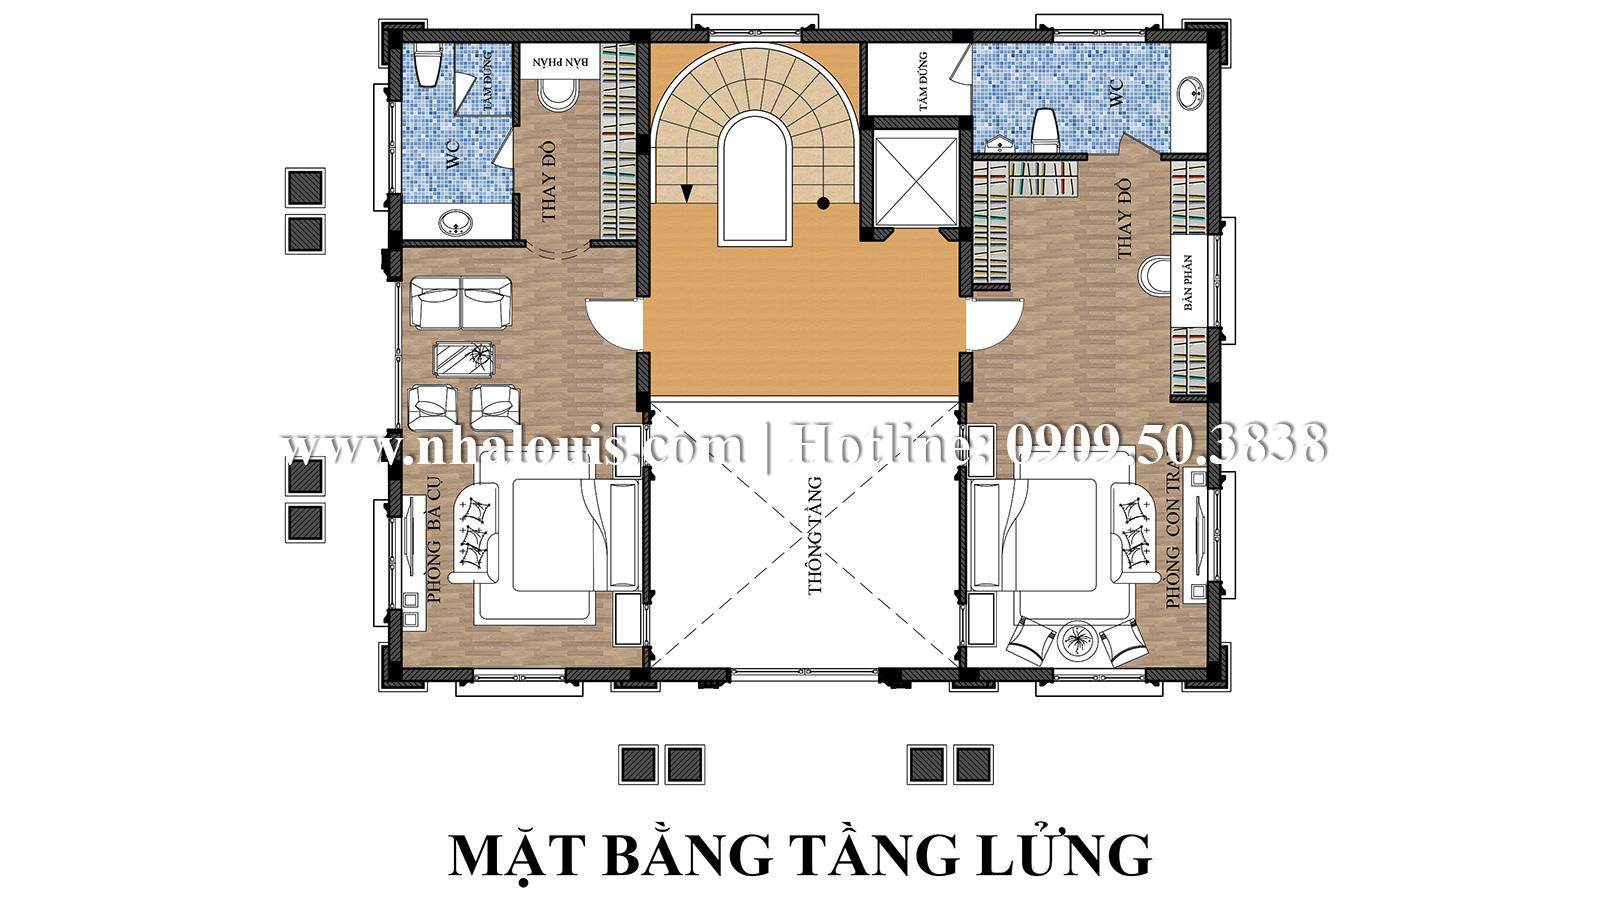 Thiết kế mẫu biệt thự kiểu Pháp 4 tầng tại Quận 9 đẹp kiêu sa - 05